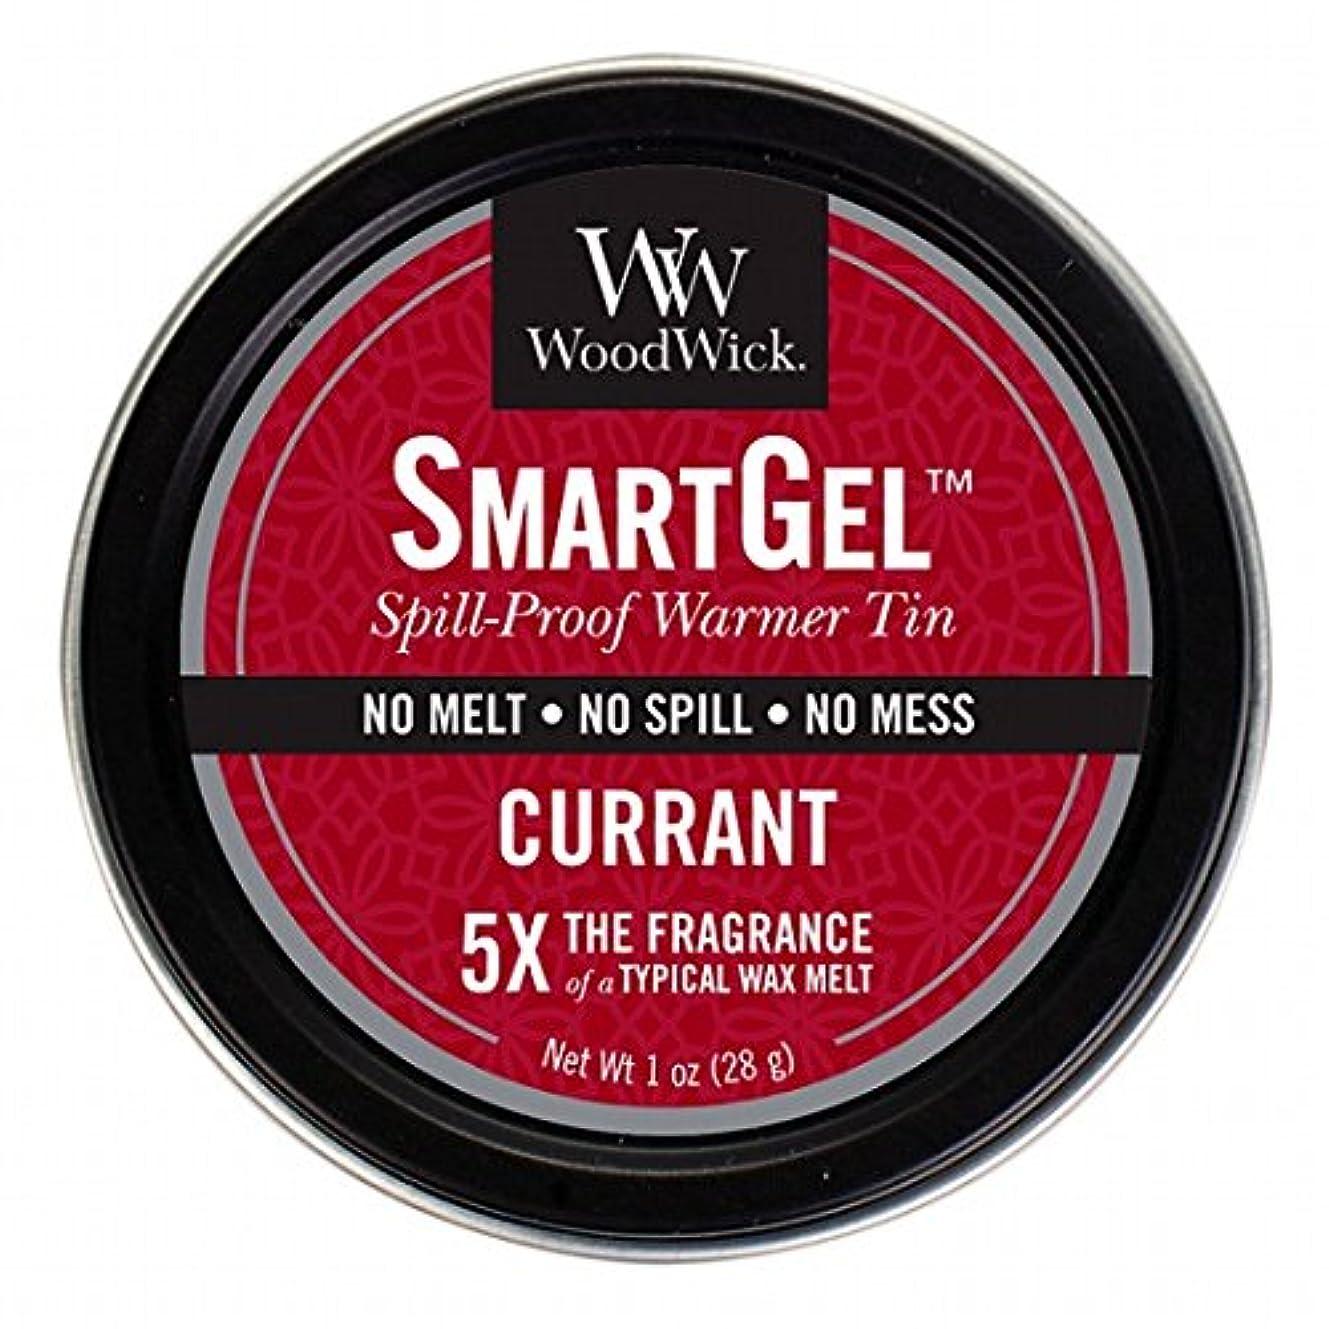 悪因子聞く姓WoodWick(ウッドウィック) Wood Wickスマートジェル 「 カラント 」W9630520(W9630520)